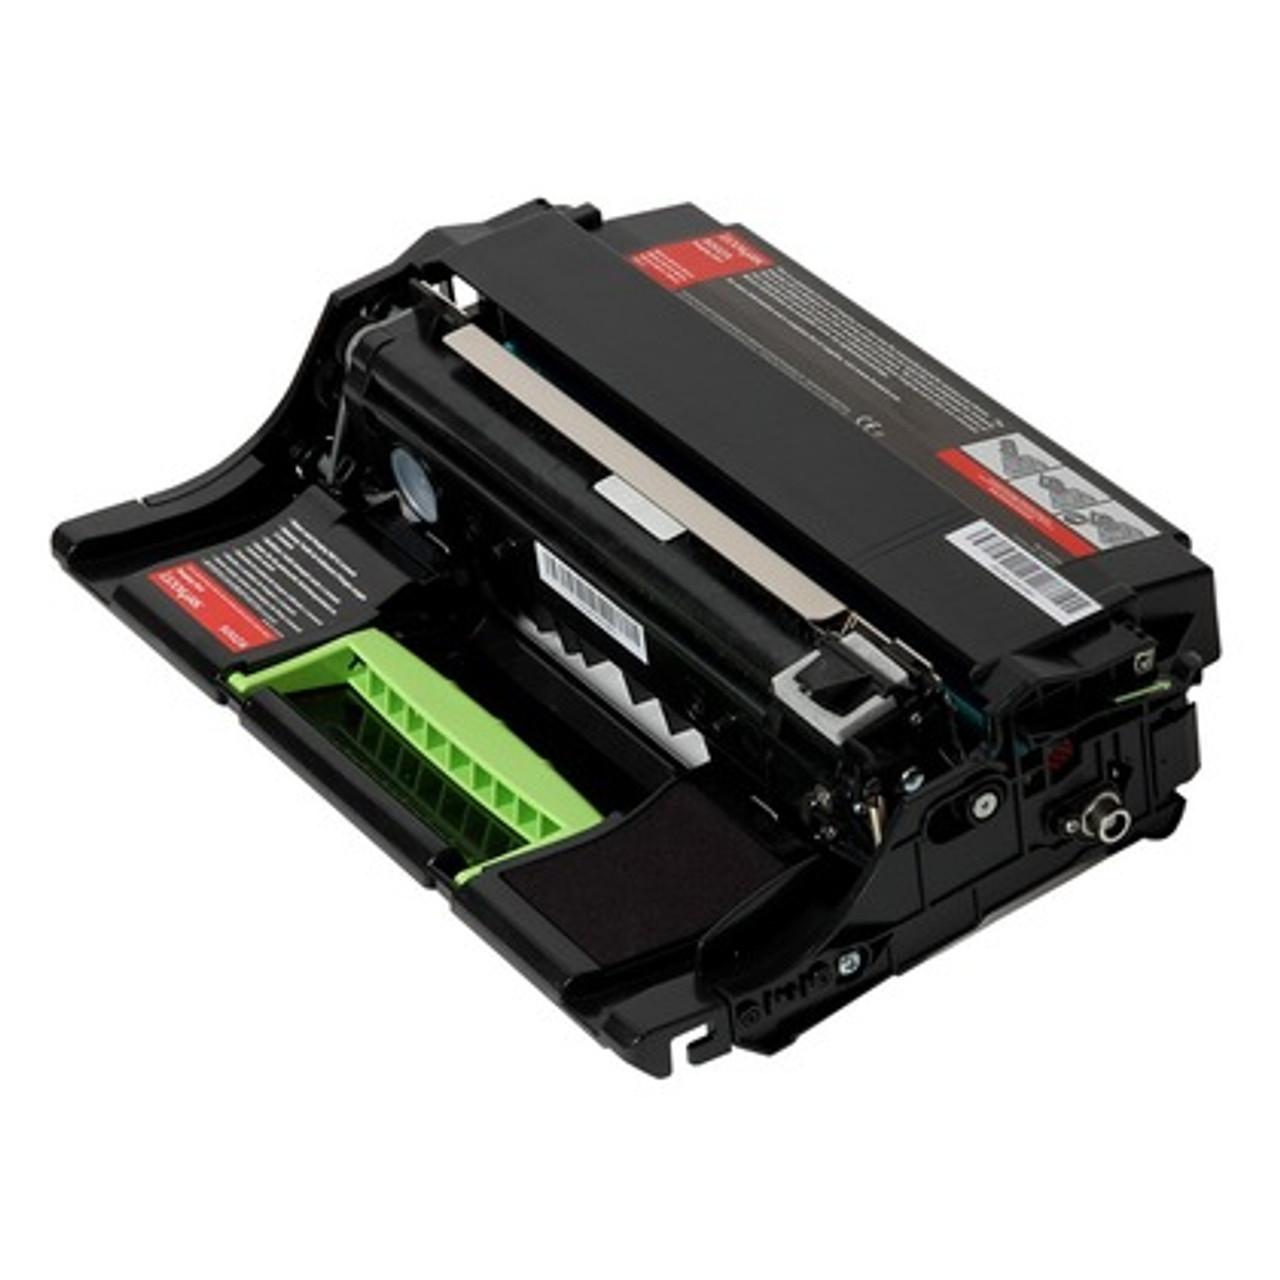 Lexmark MS310, MS410, MS510, MS610 Black Imaging Unit  - 50F0ZA0 - 500ZA